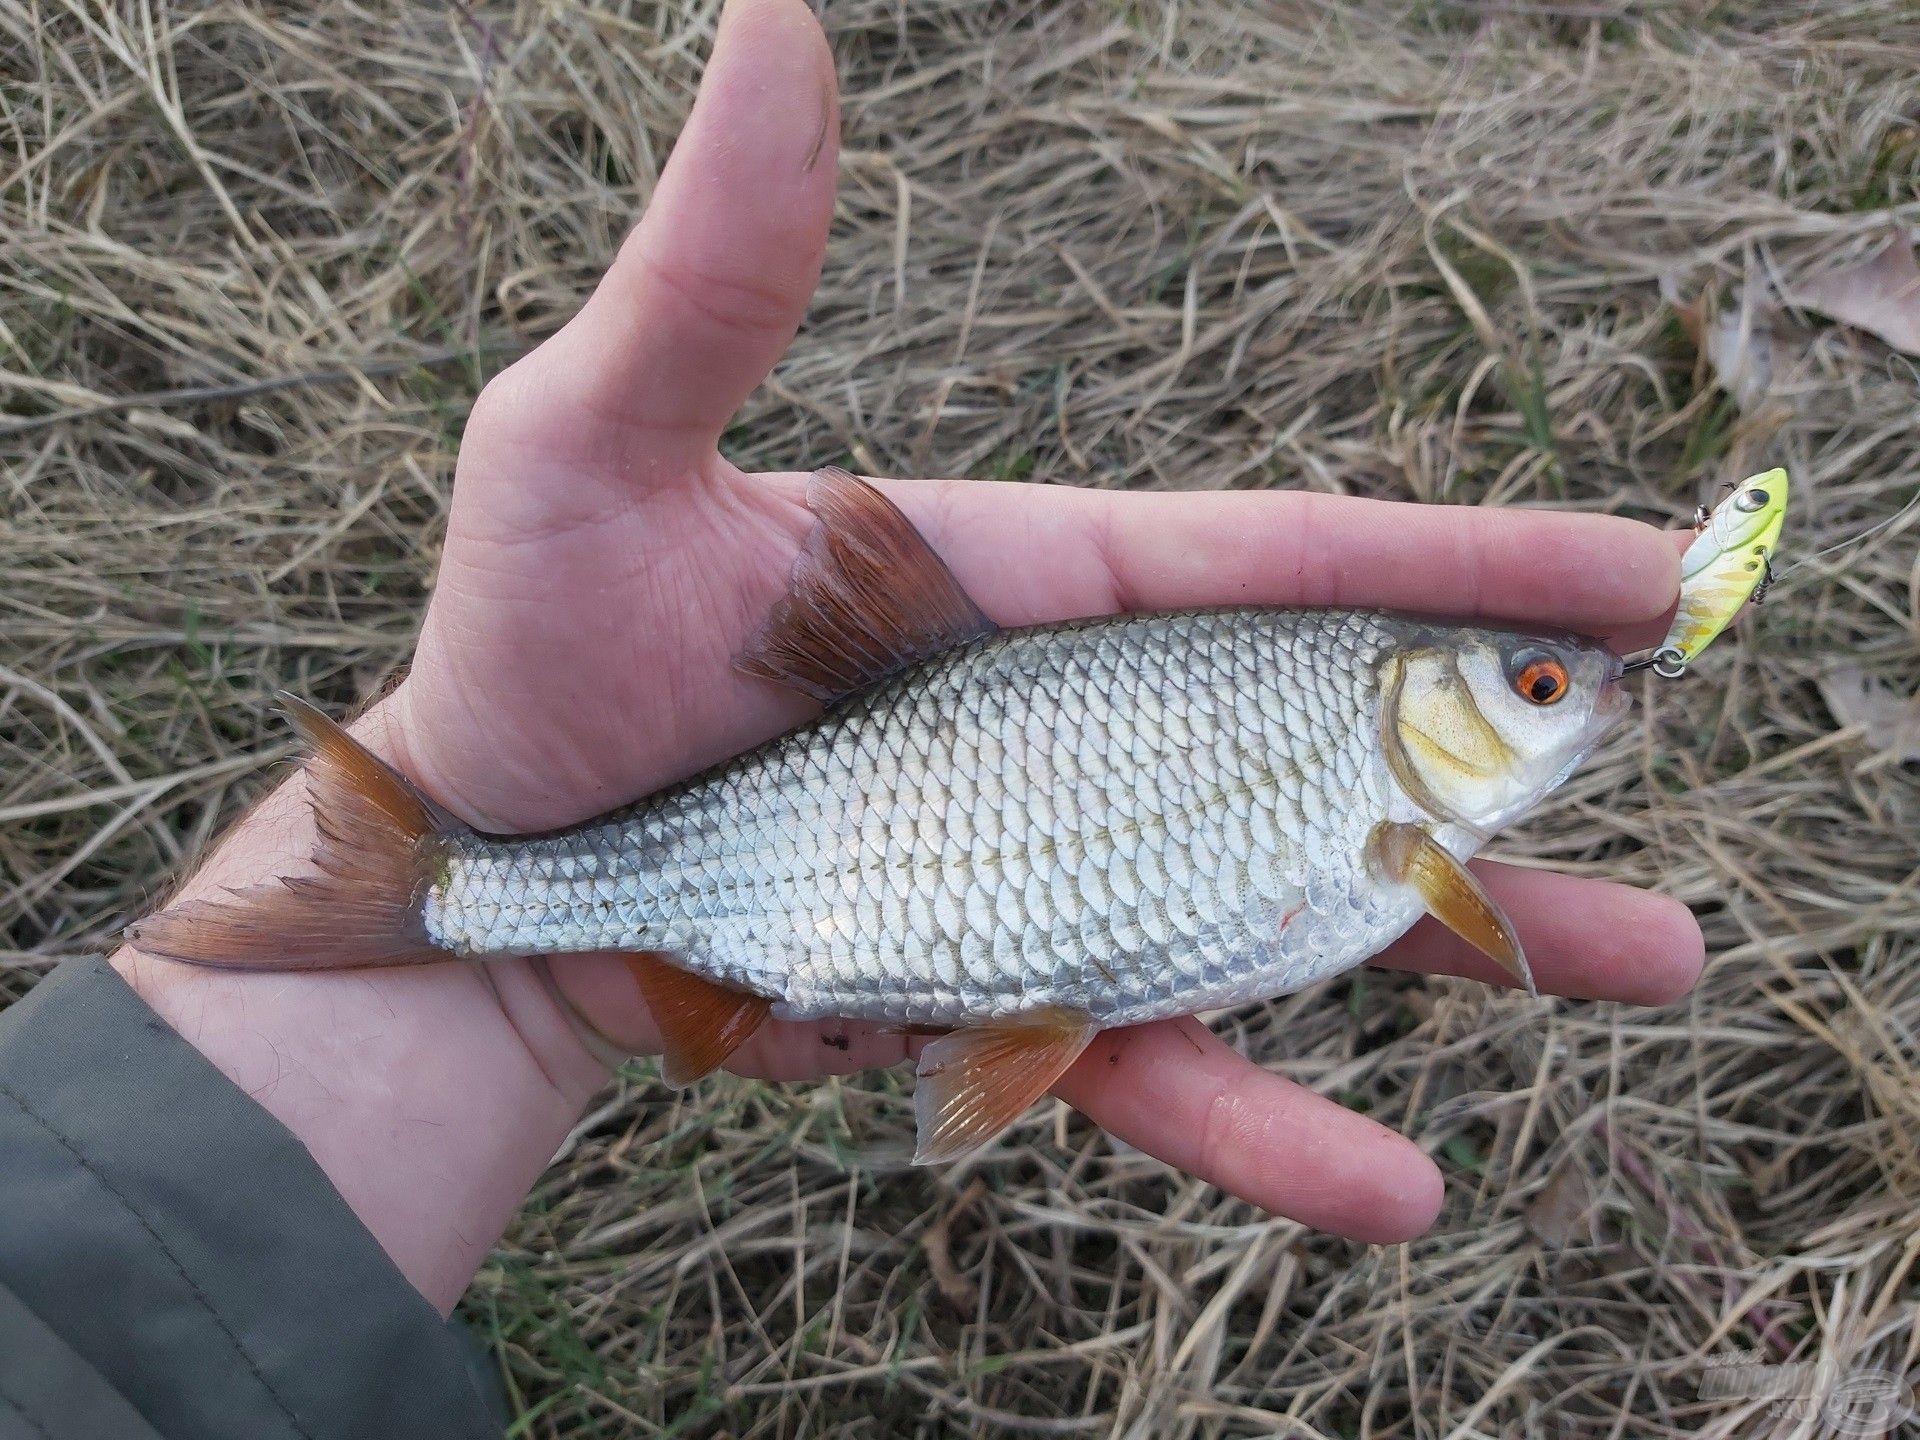 … ezekkel könnyen becsaphatók e halak is